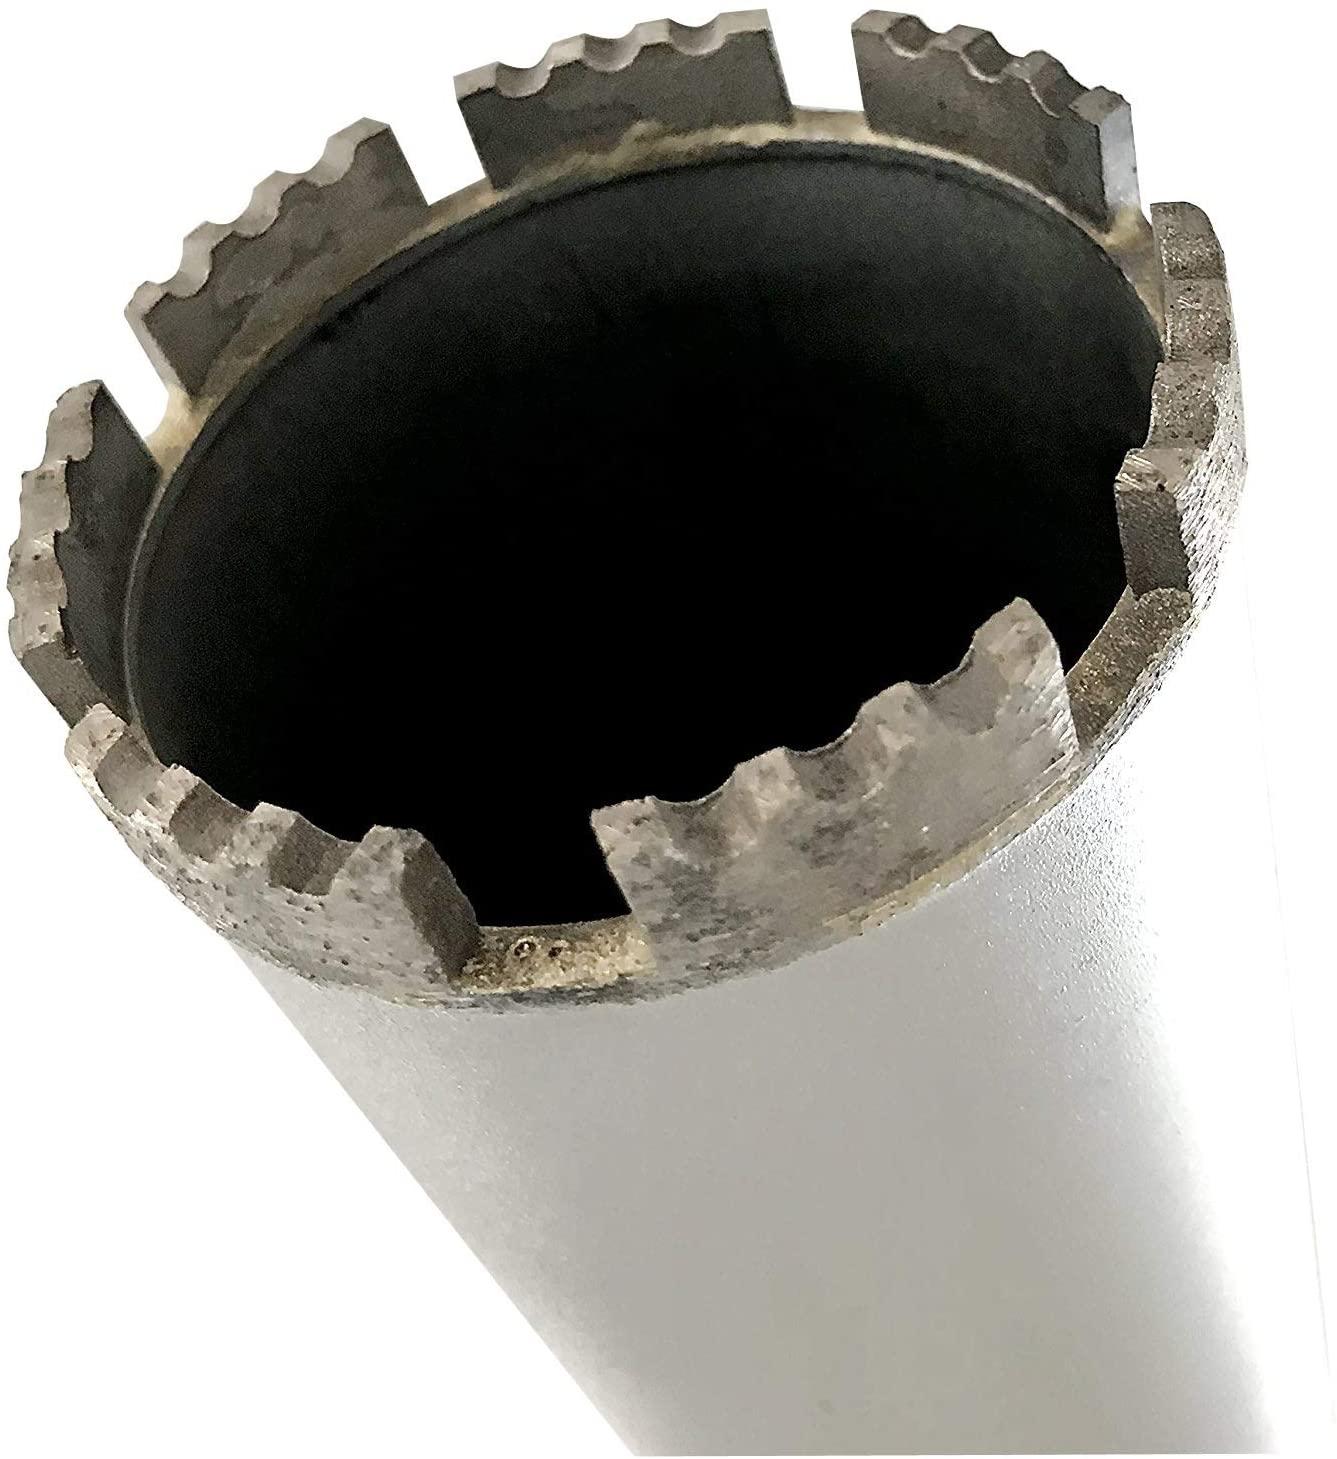 ALSKAR DIAMOND ADCSB 4 Inch Wet Concrete Diamond Core Drill Bit for Concrete Stone Granite Marble (4